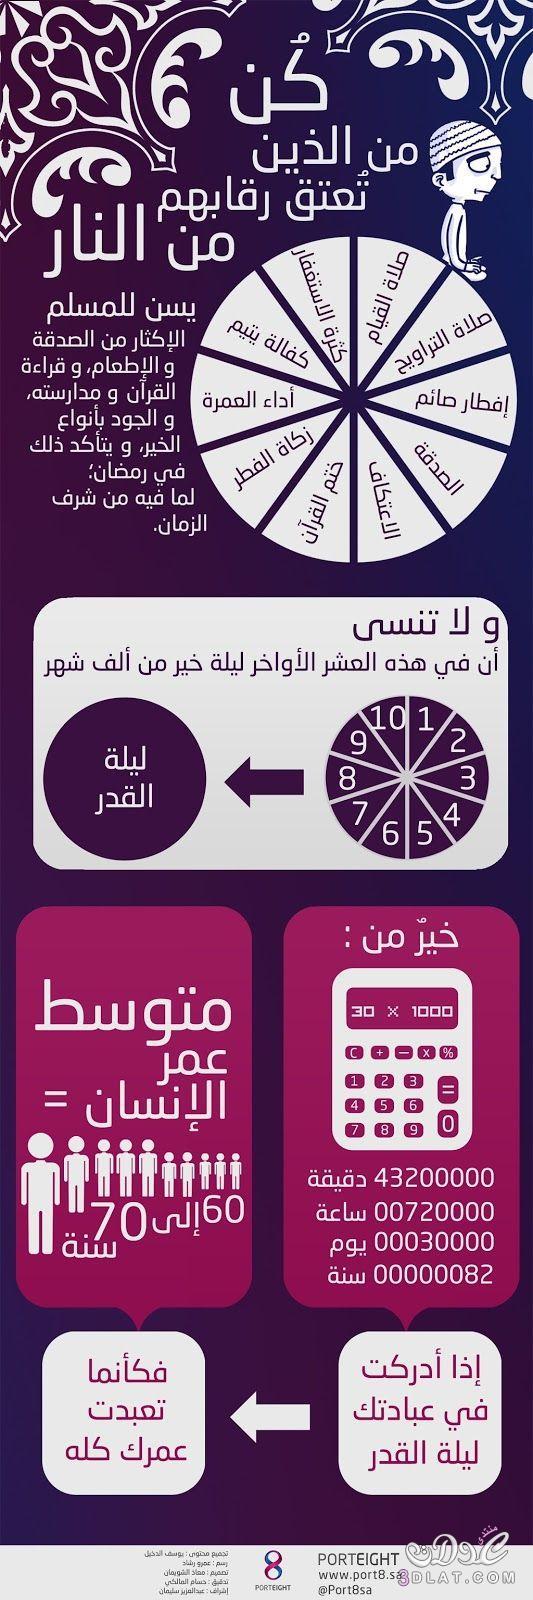 رمضان 2018 اهلا رمضان 2018 ادعية 3dlat.net_21_17_ec5c